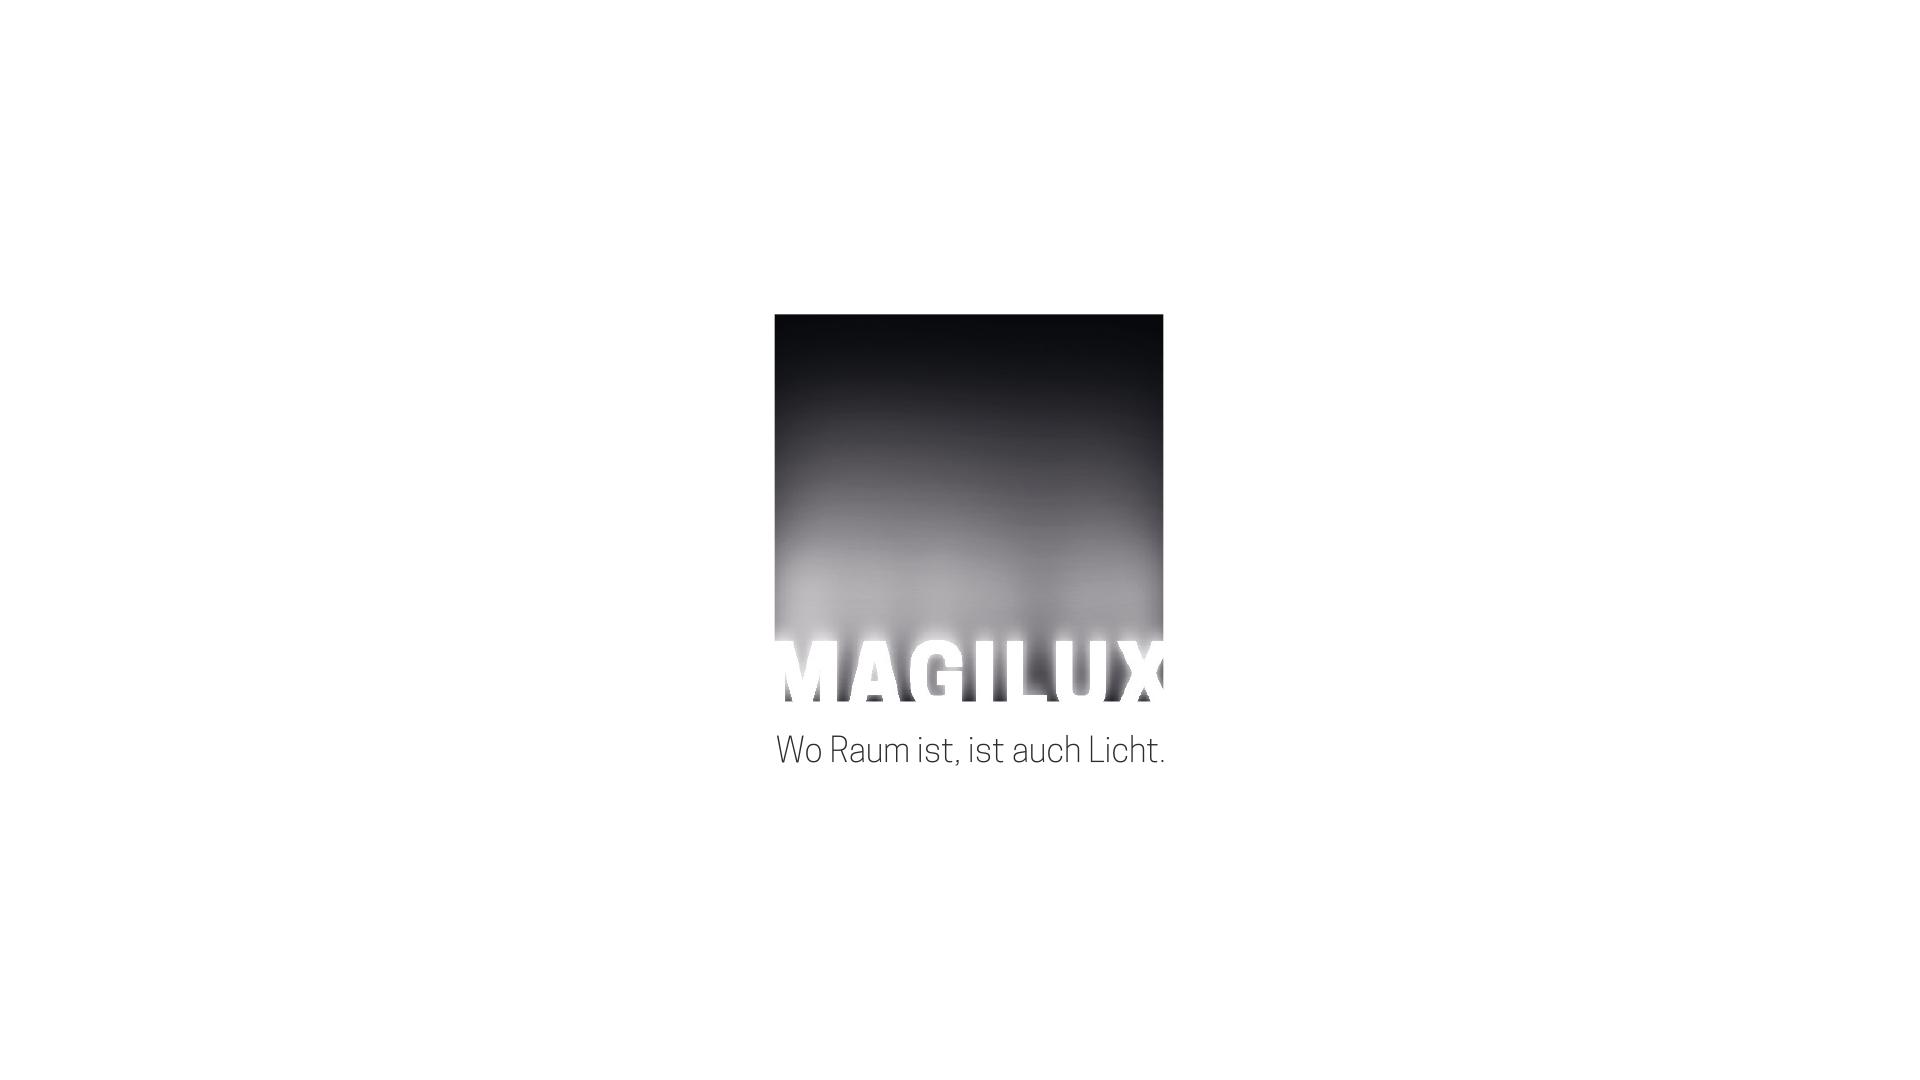 """MAGILUX Logo mit dem Claim """"Wo Raum ist, ist auch Licht."""""""